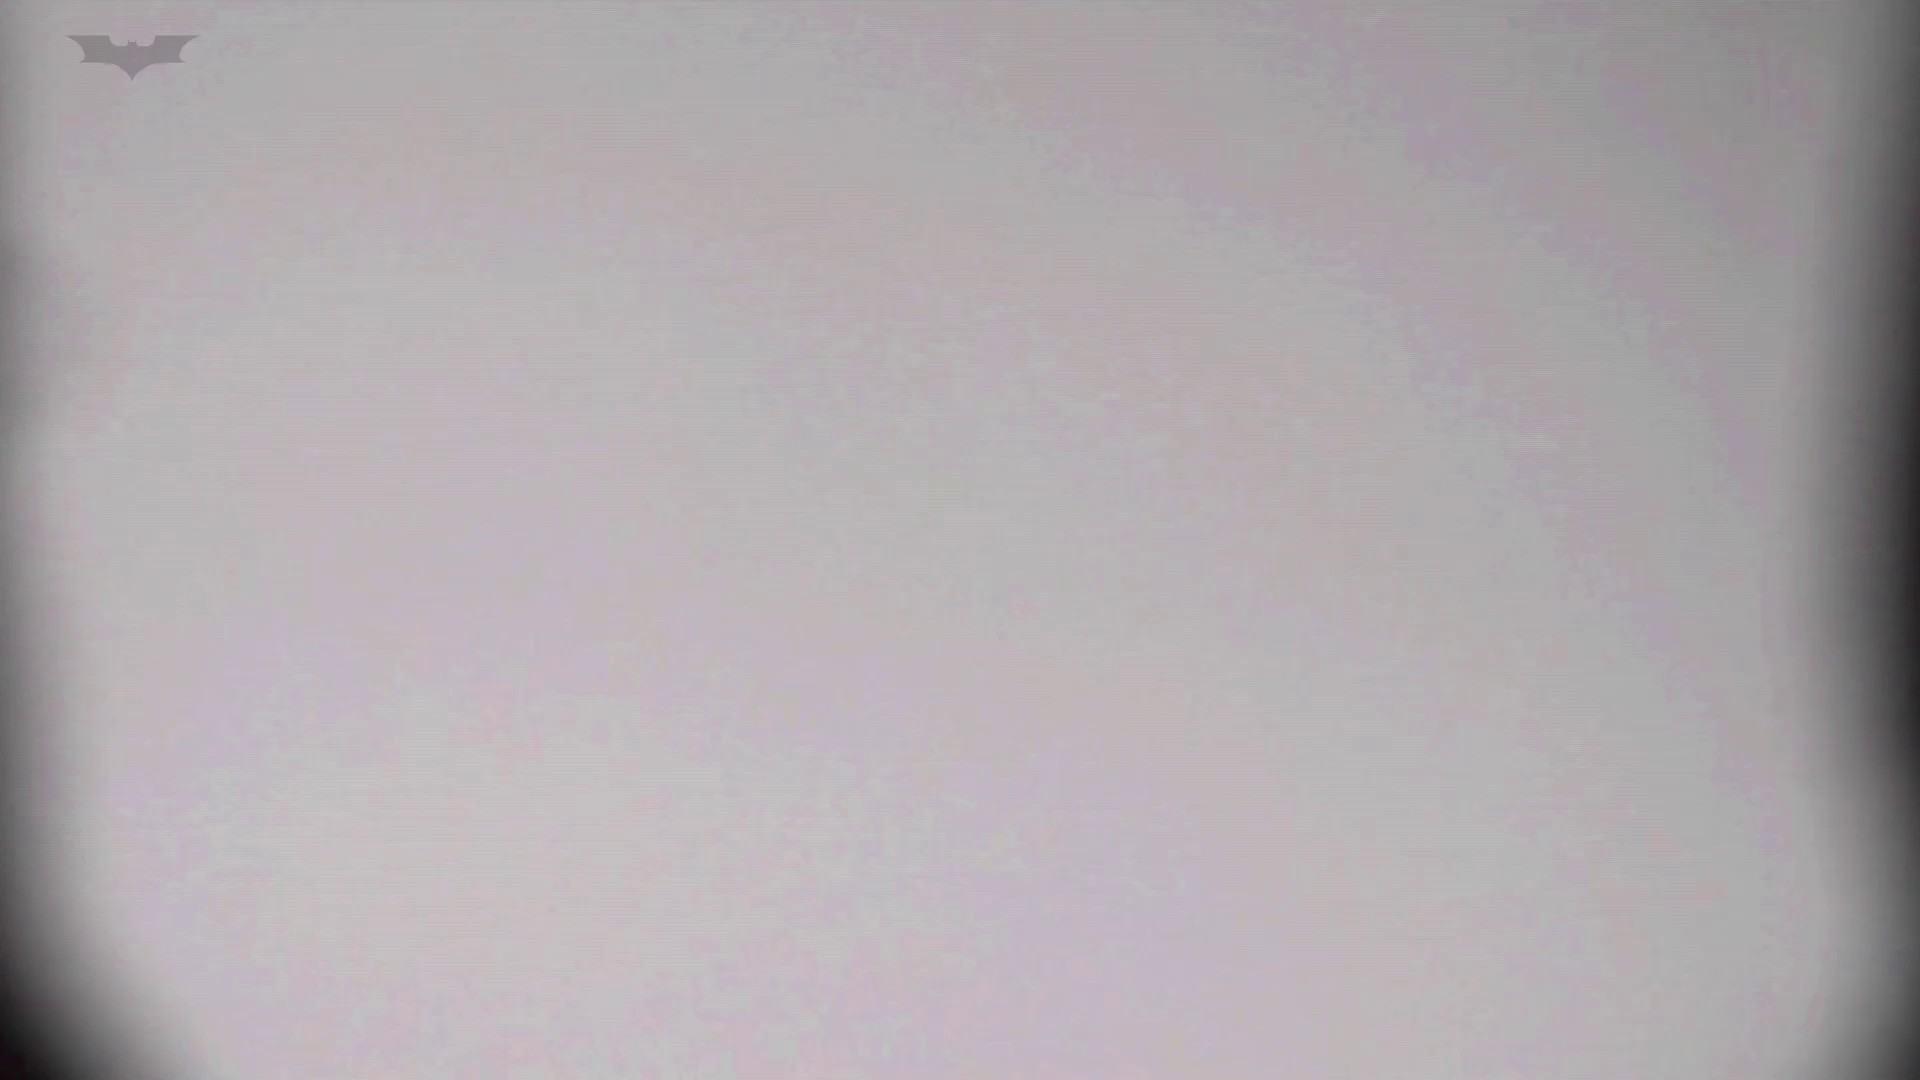 お銀 vol.77 純国内、突き出し角度は規格外 エロいOL | 洗面所  70枚